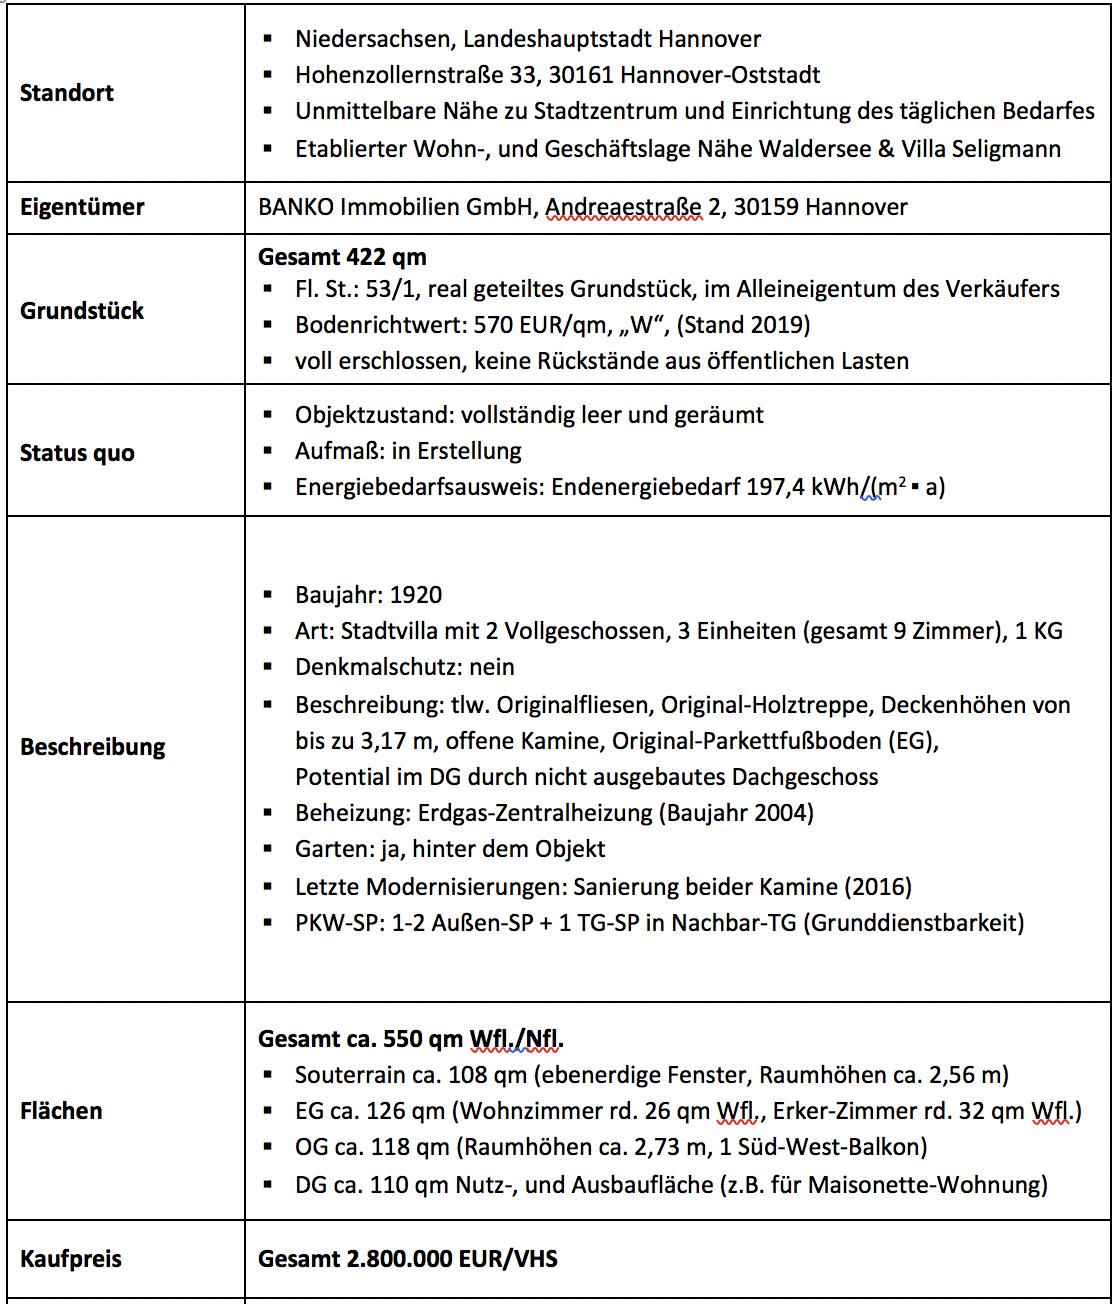 Hohenzollernstr_33_Eckdaten